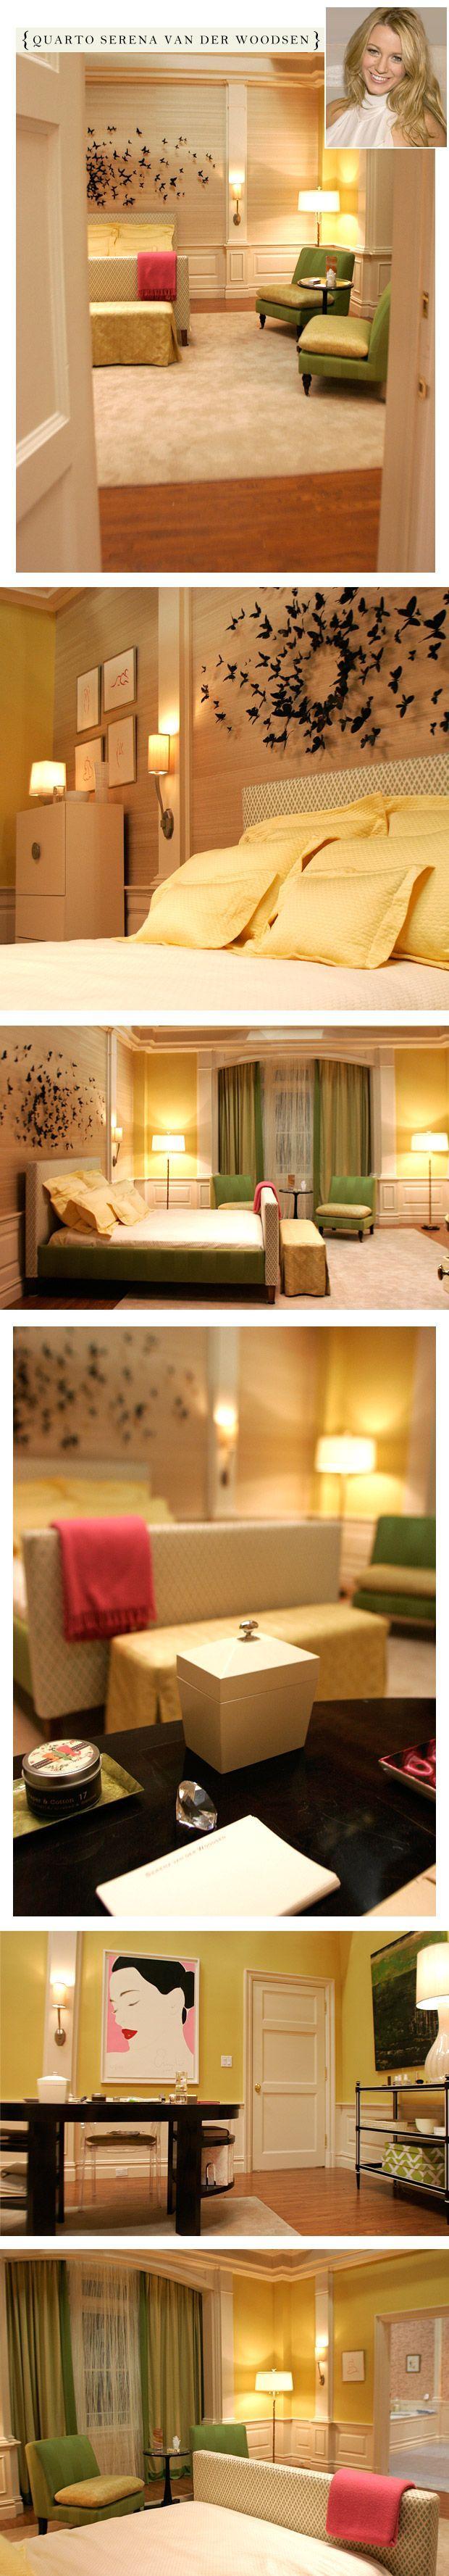 serena van der woodsen 39 s room love it wish i had this room ues